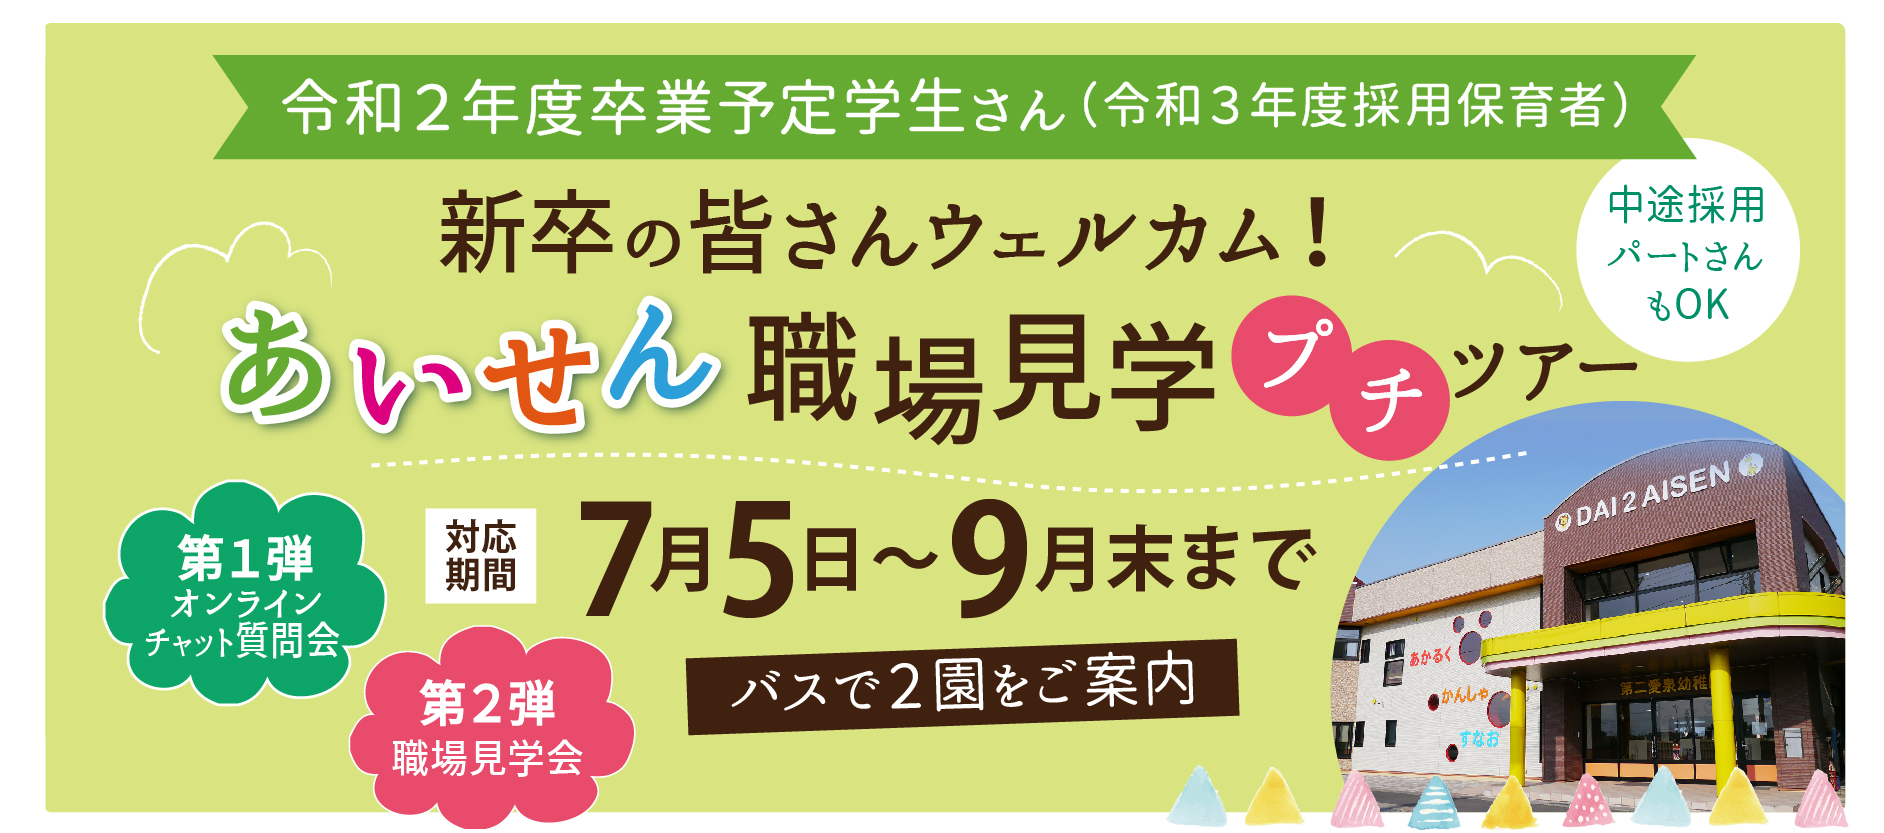 aisen_jobfair のコピー@3x-100.jpg